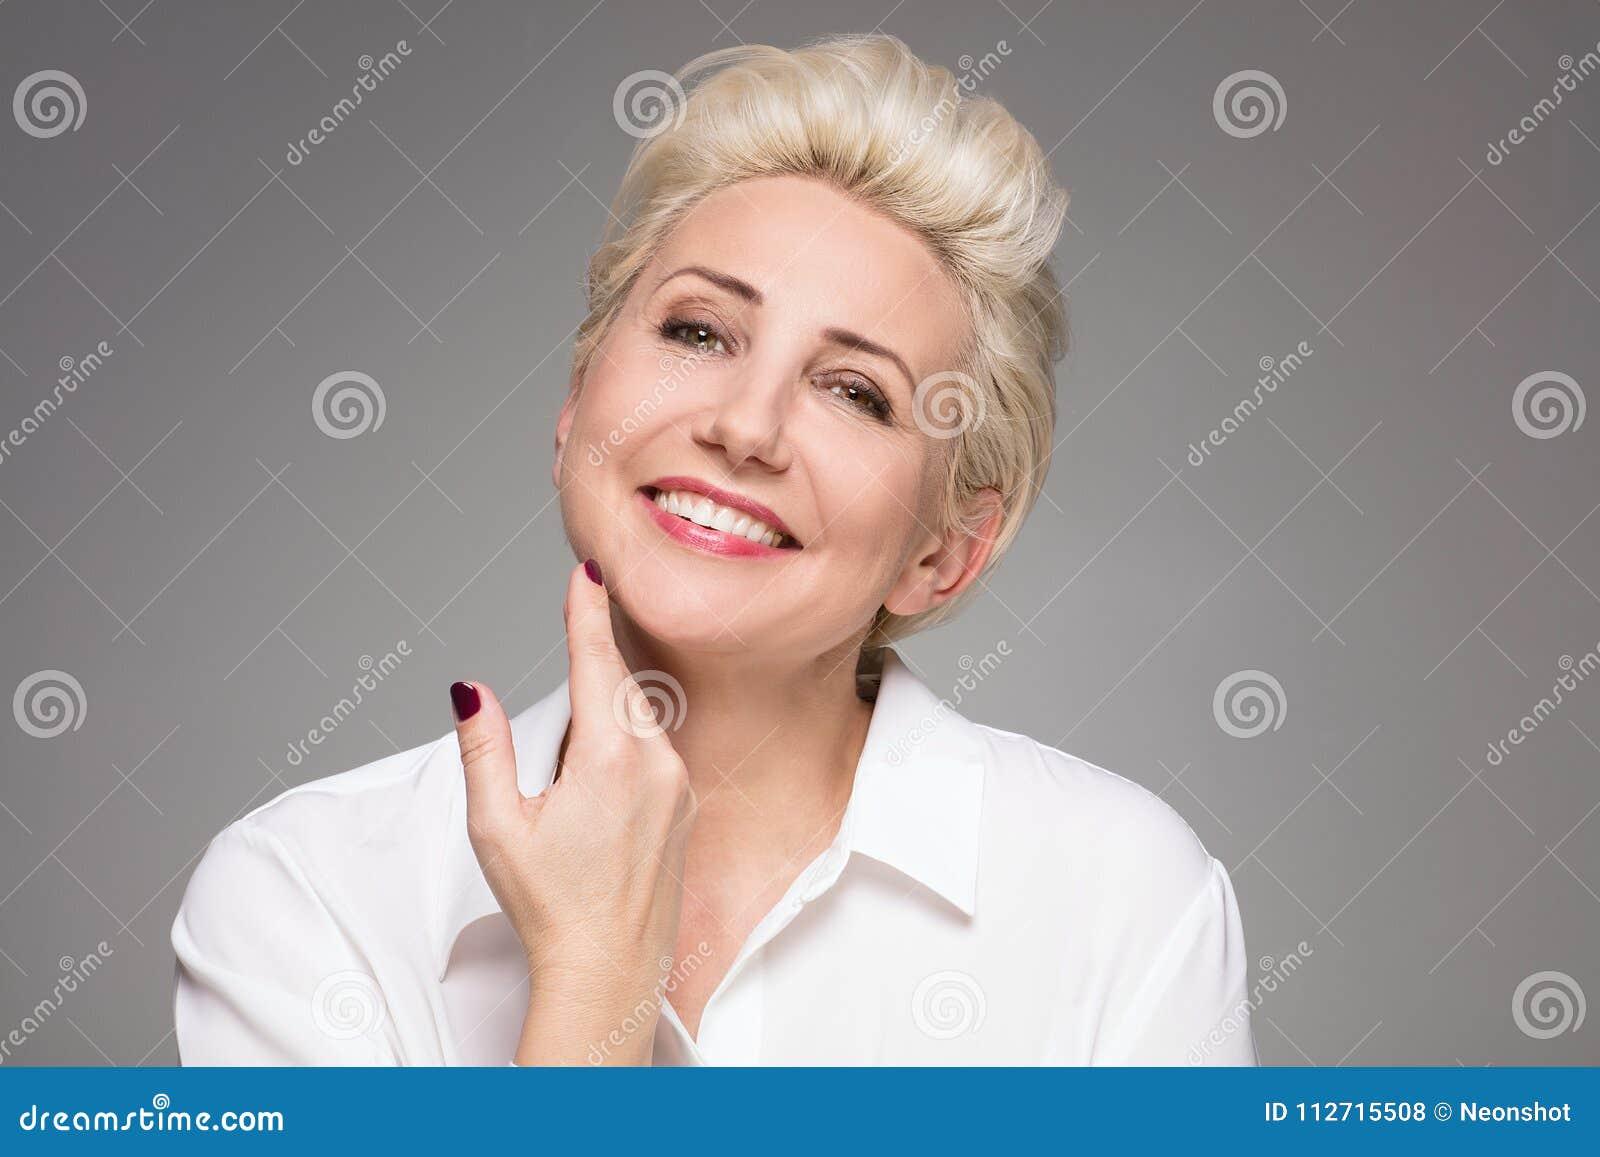 Portrait De Femme Agee Par Milieu Blond Elegant Photo Stock Image